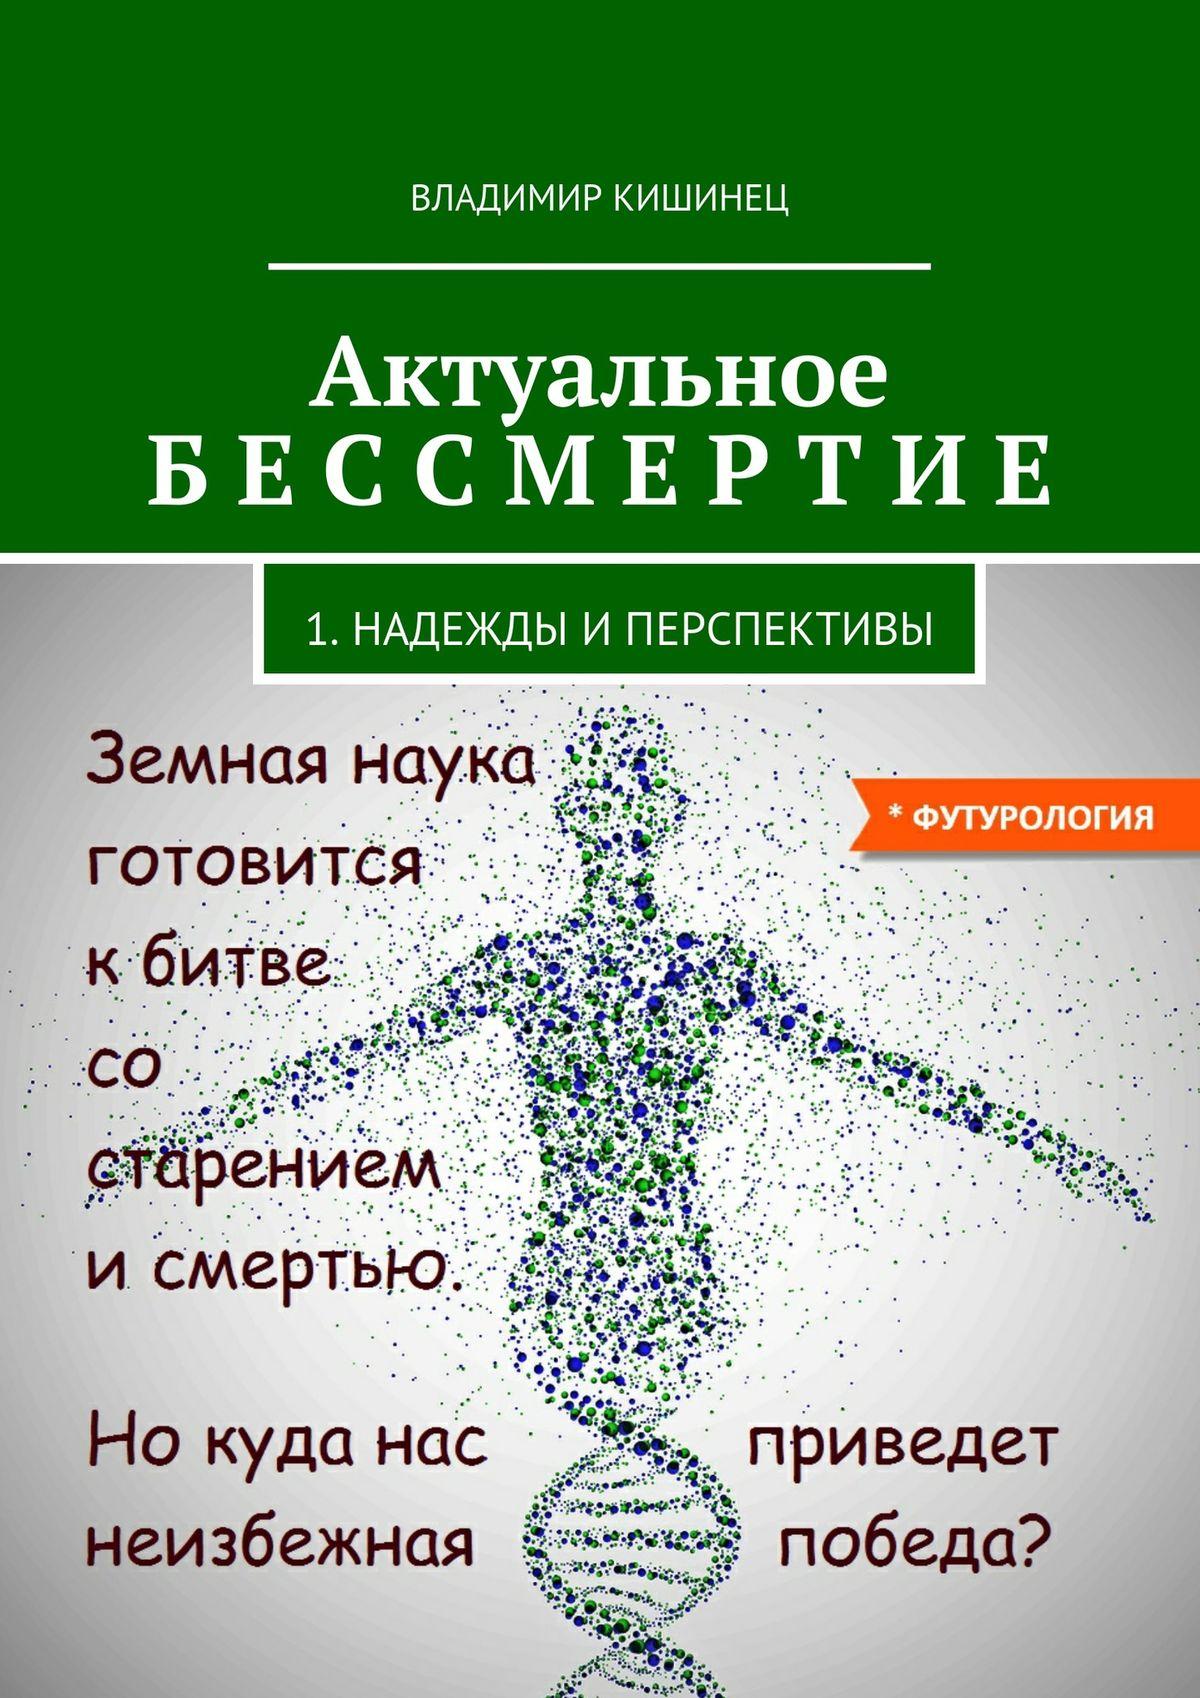 Владимир Кишинец Актуальное бессмертие. Часть 1. Надежды и перспективы